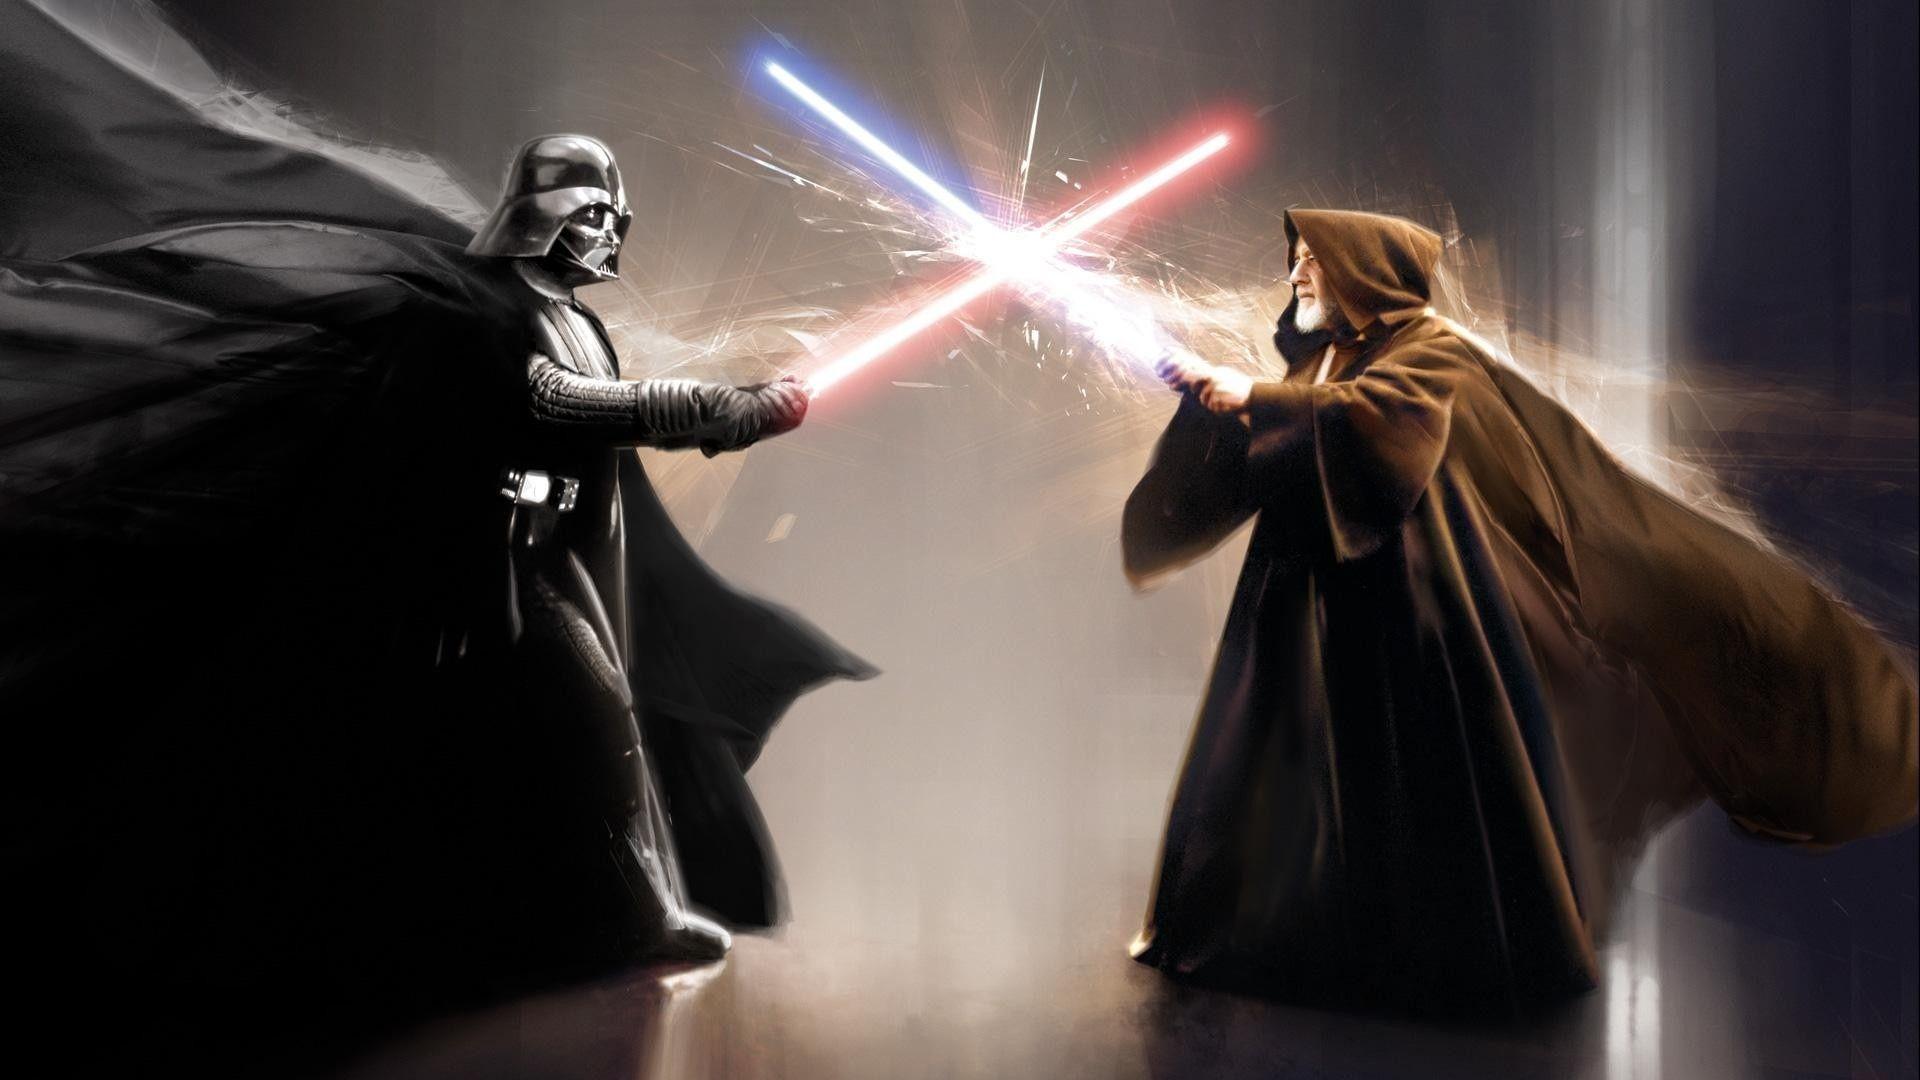 Darth Vader Vs Ben Kenobi Lightsaber Duel Star Wars Jedi Star